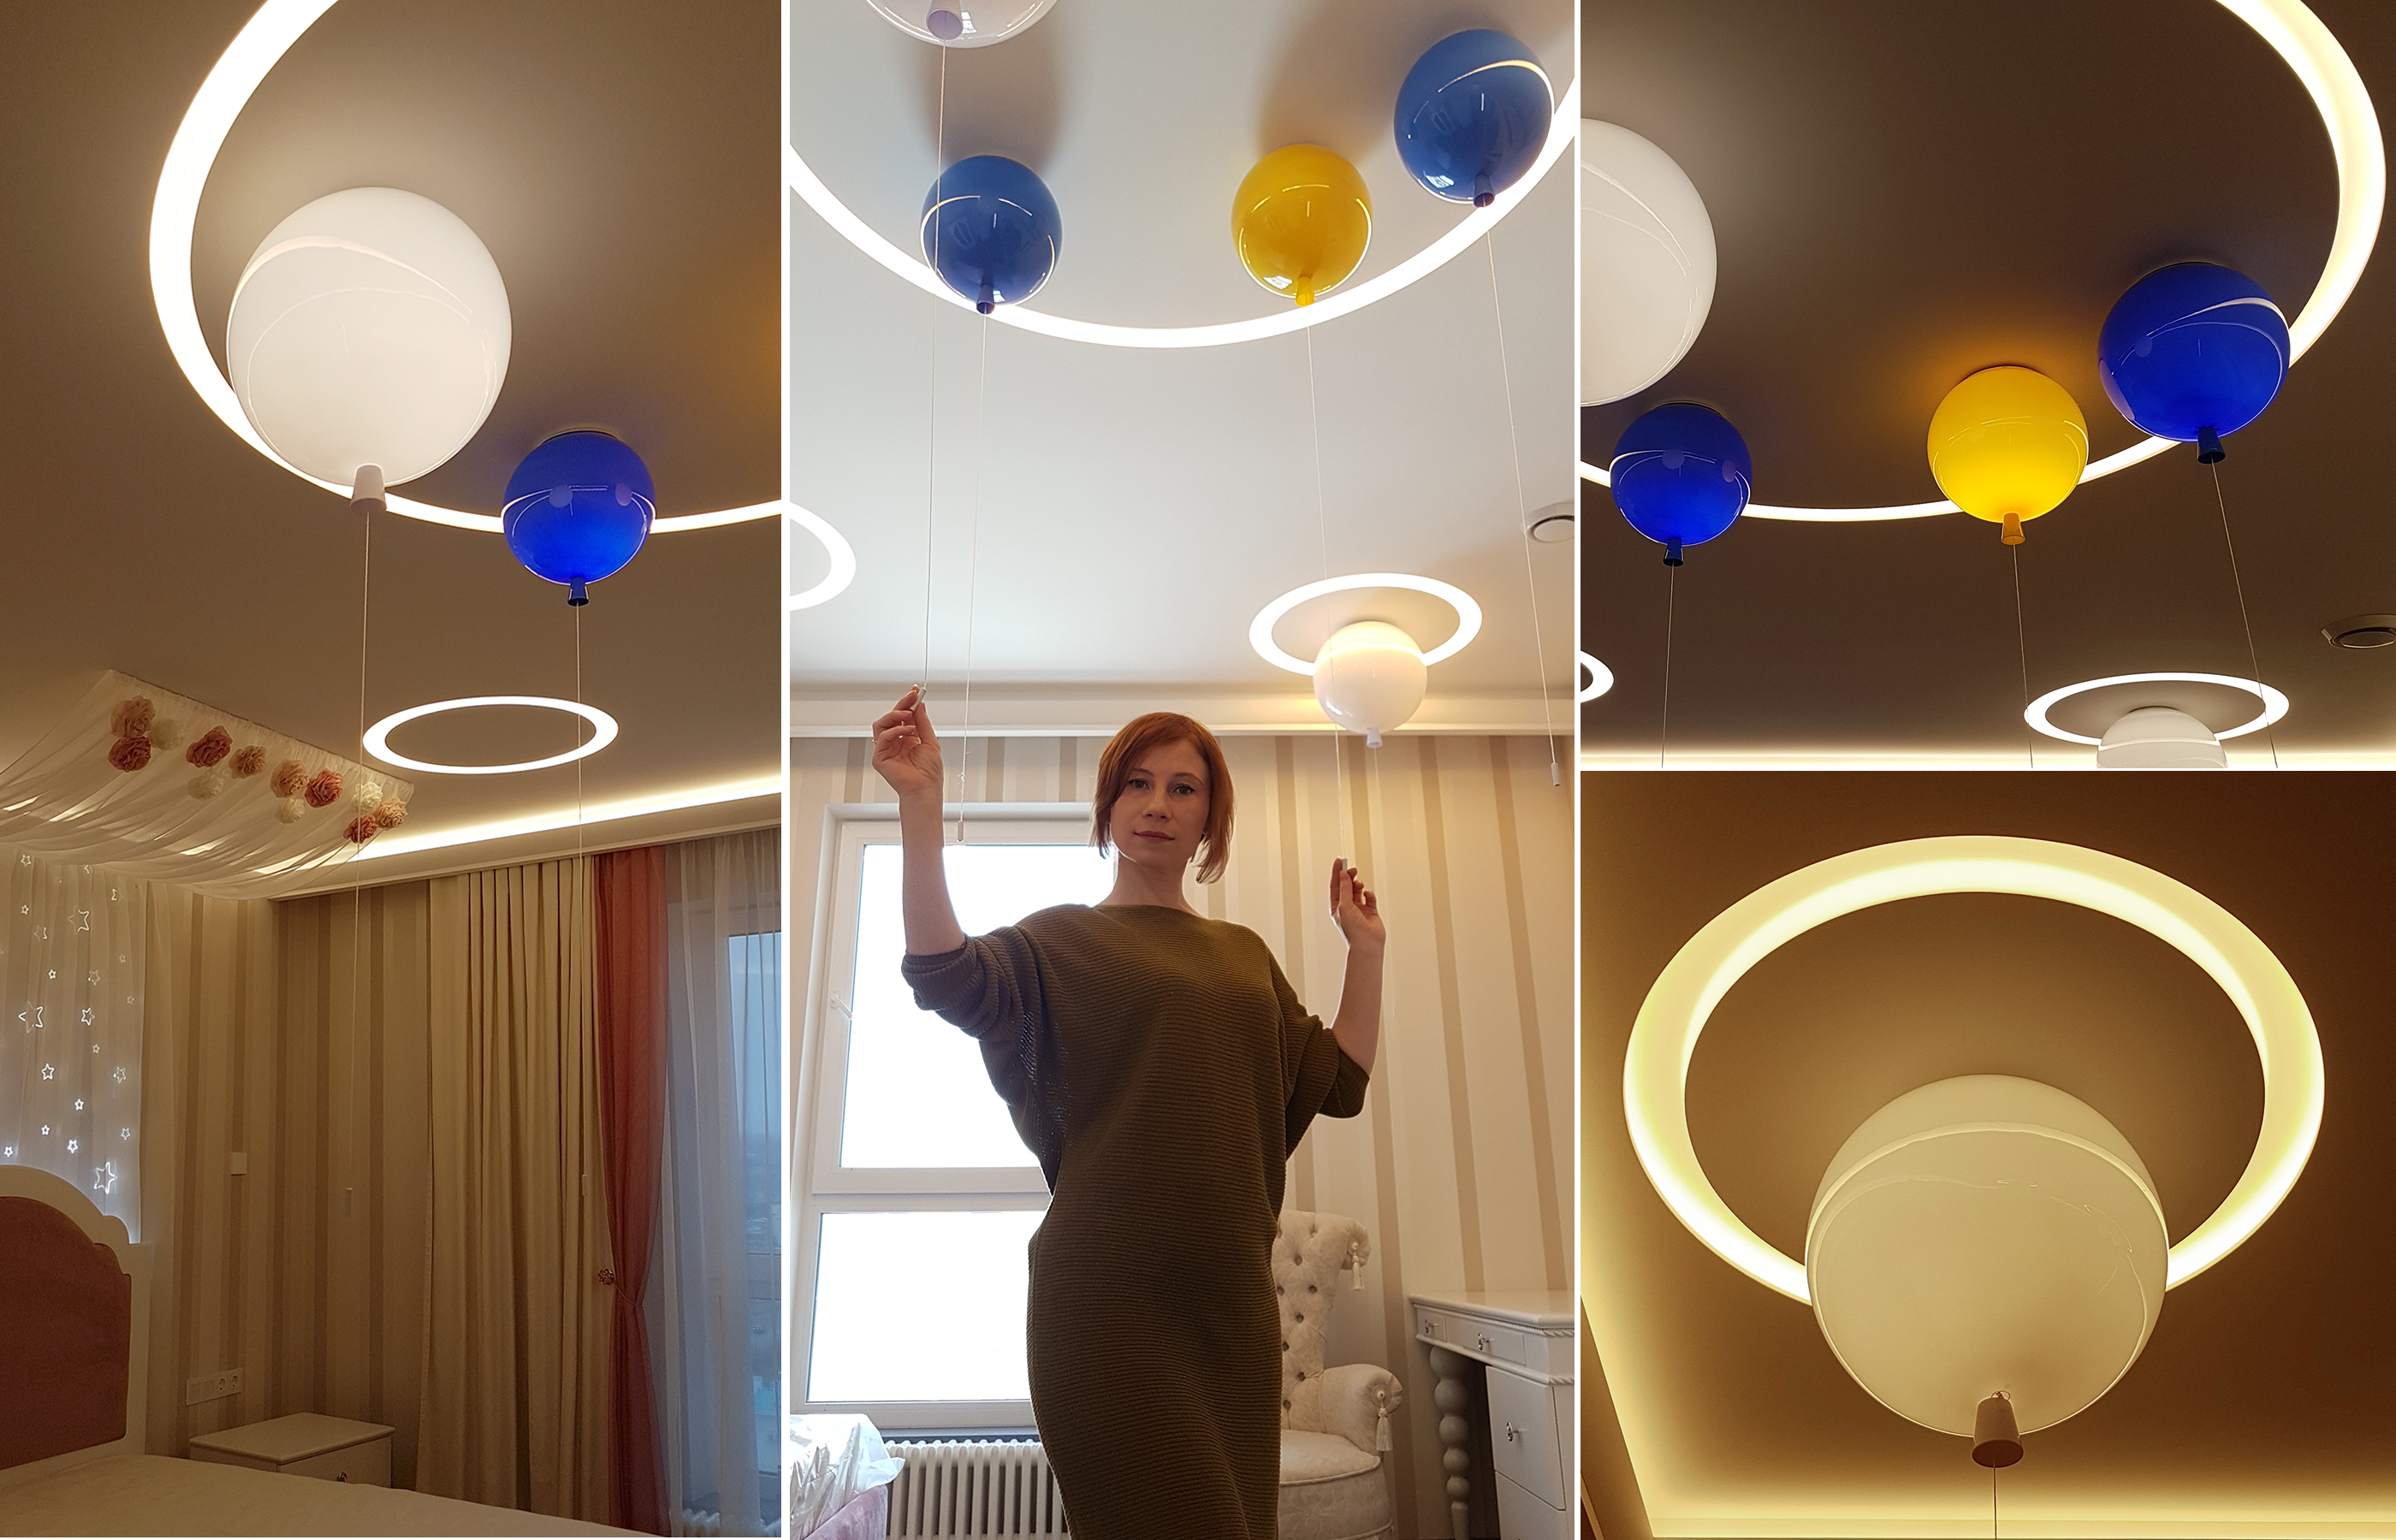 Светильники - воздушные шары по потолком. Каждый может включаться-выключаться индивидуально, своей веревочкой.